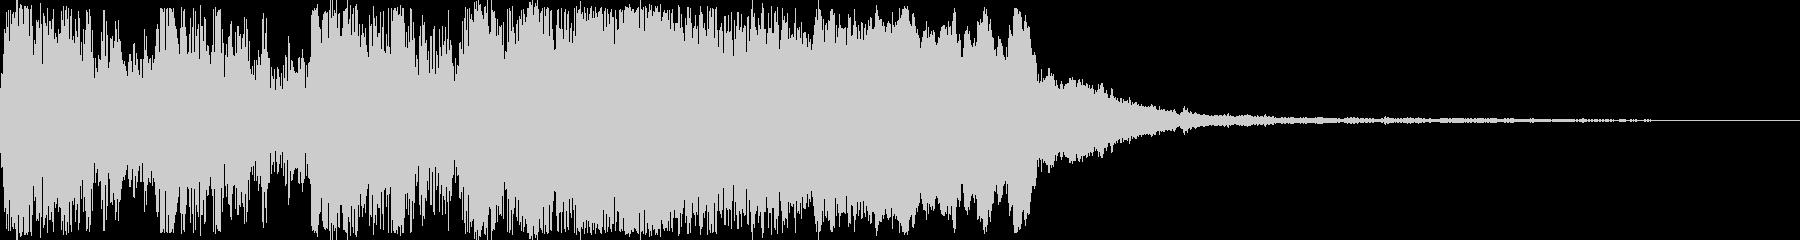 RPG向けオーケストラファンファーレの未再生の波形